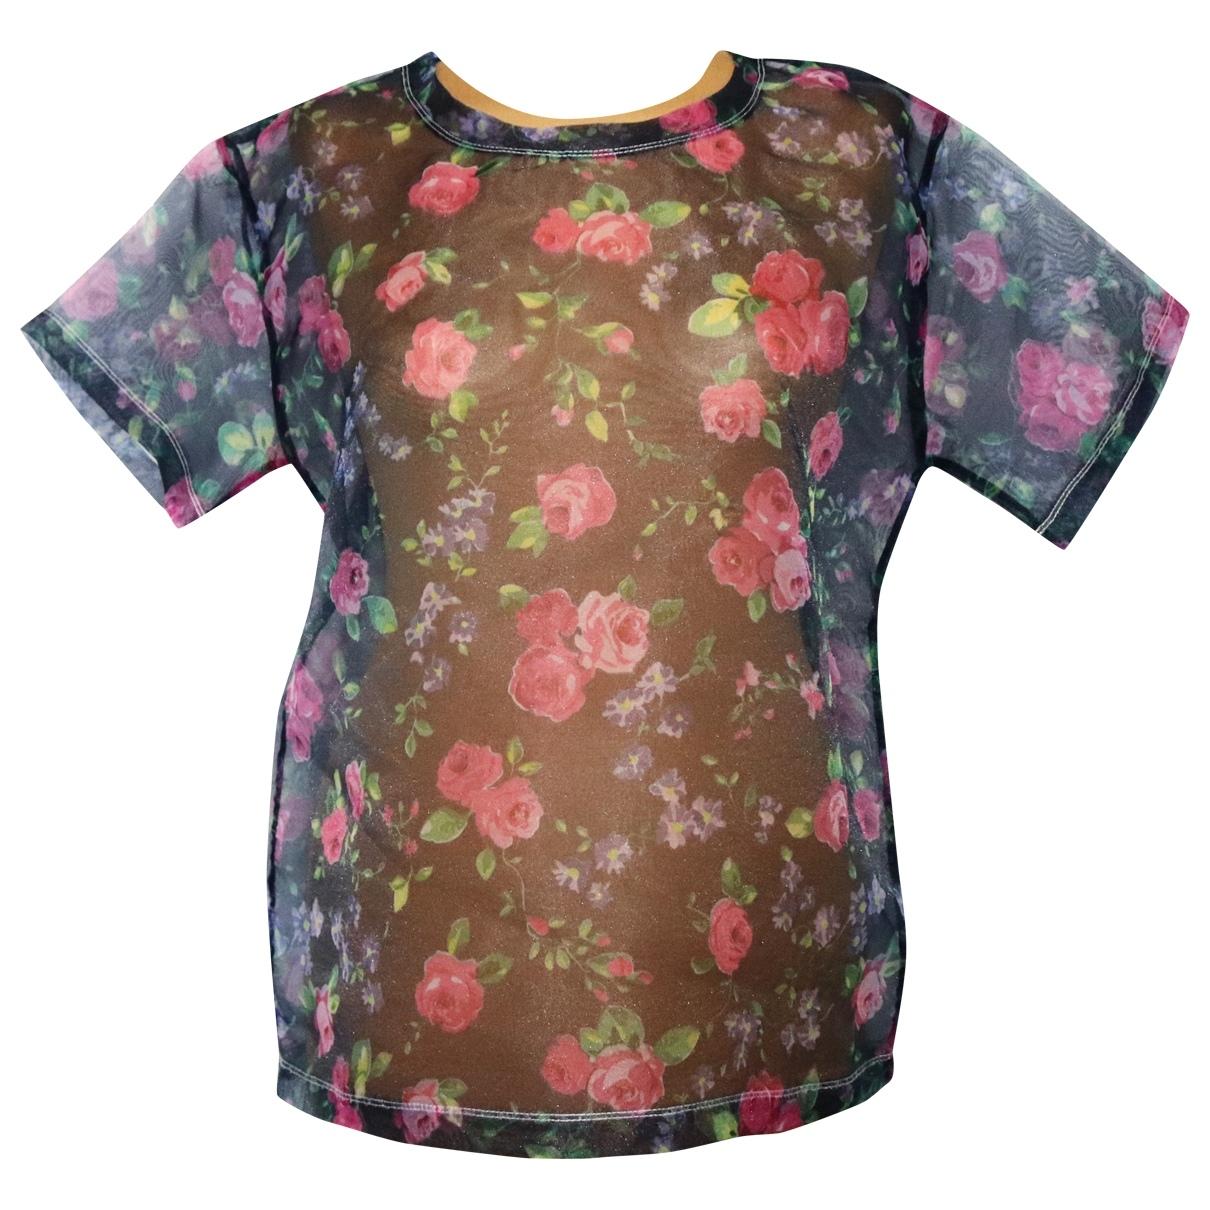 Carven - Top   pour femme - multicolore